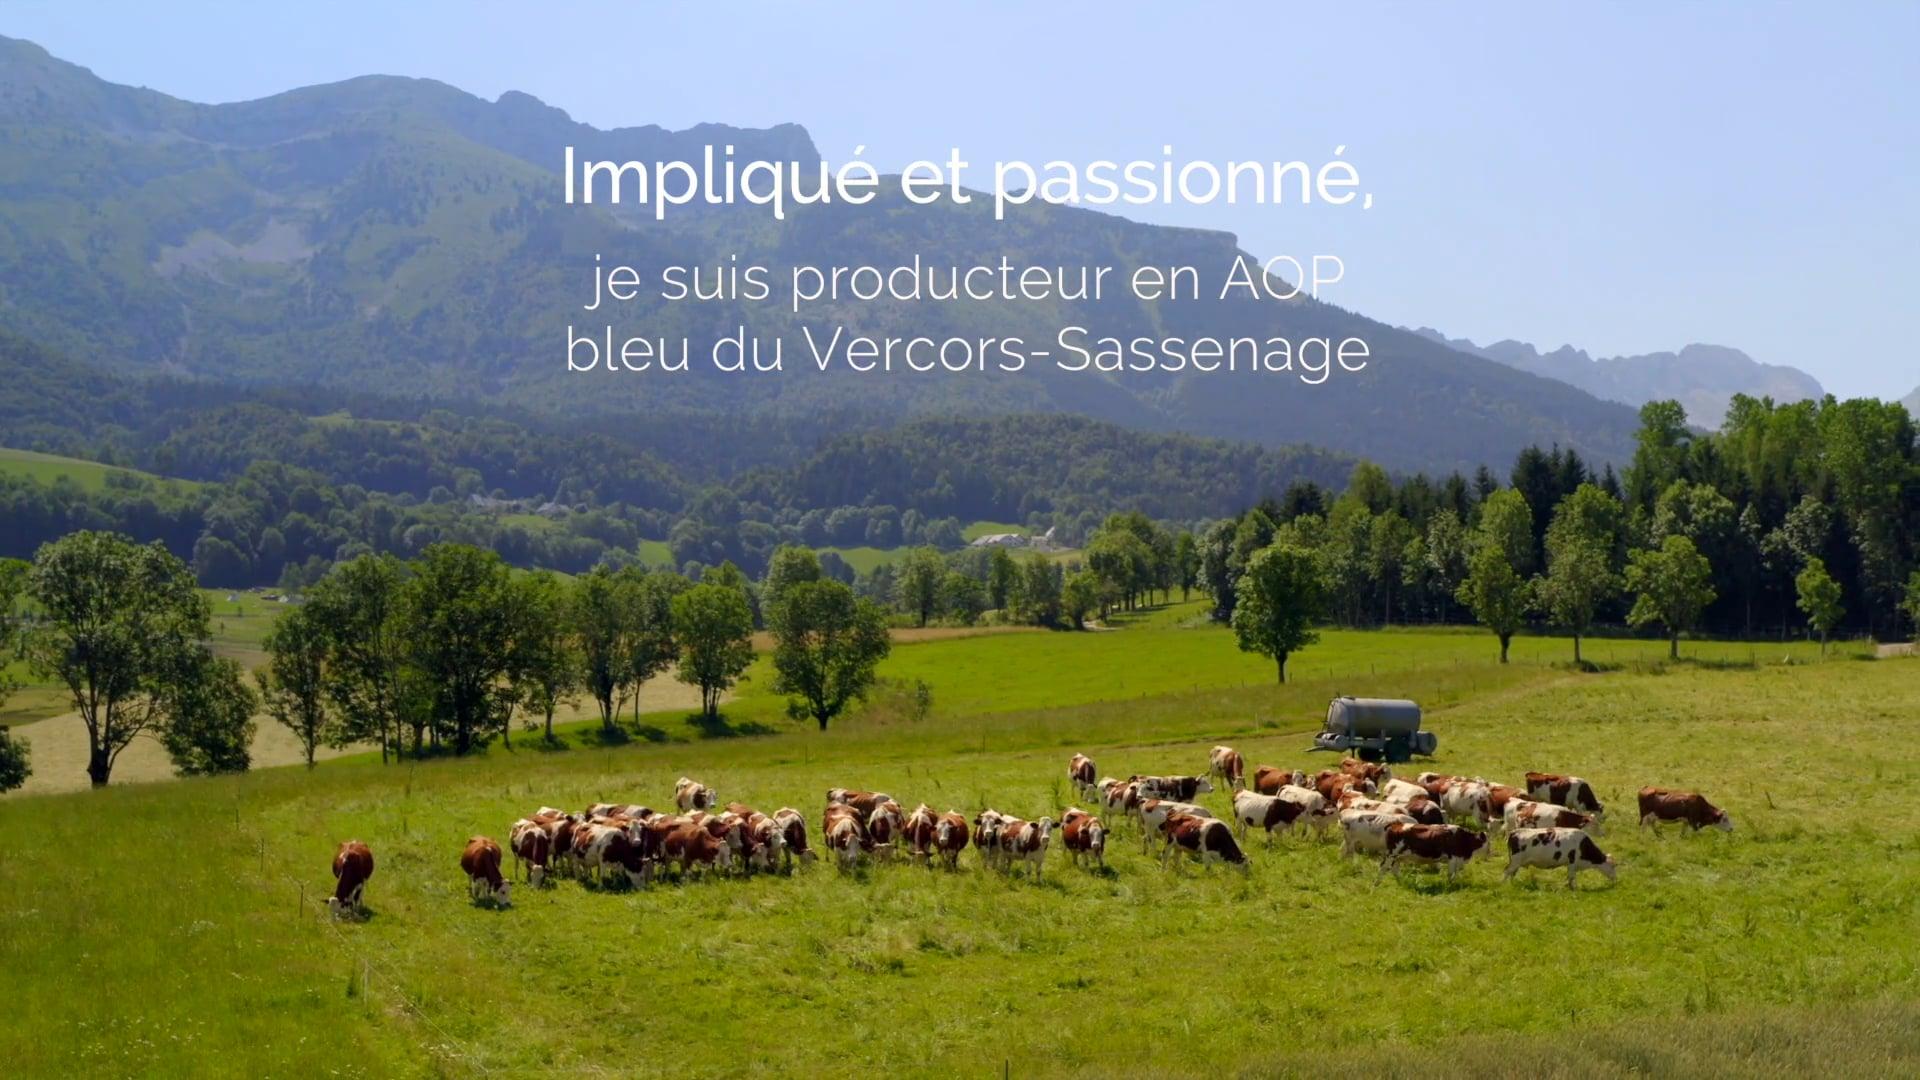 Mon métier d'agriculteur et producteur en AOP Bleu Vercors-Sassenage